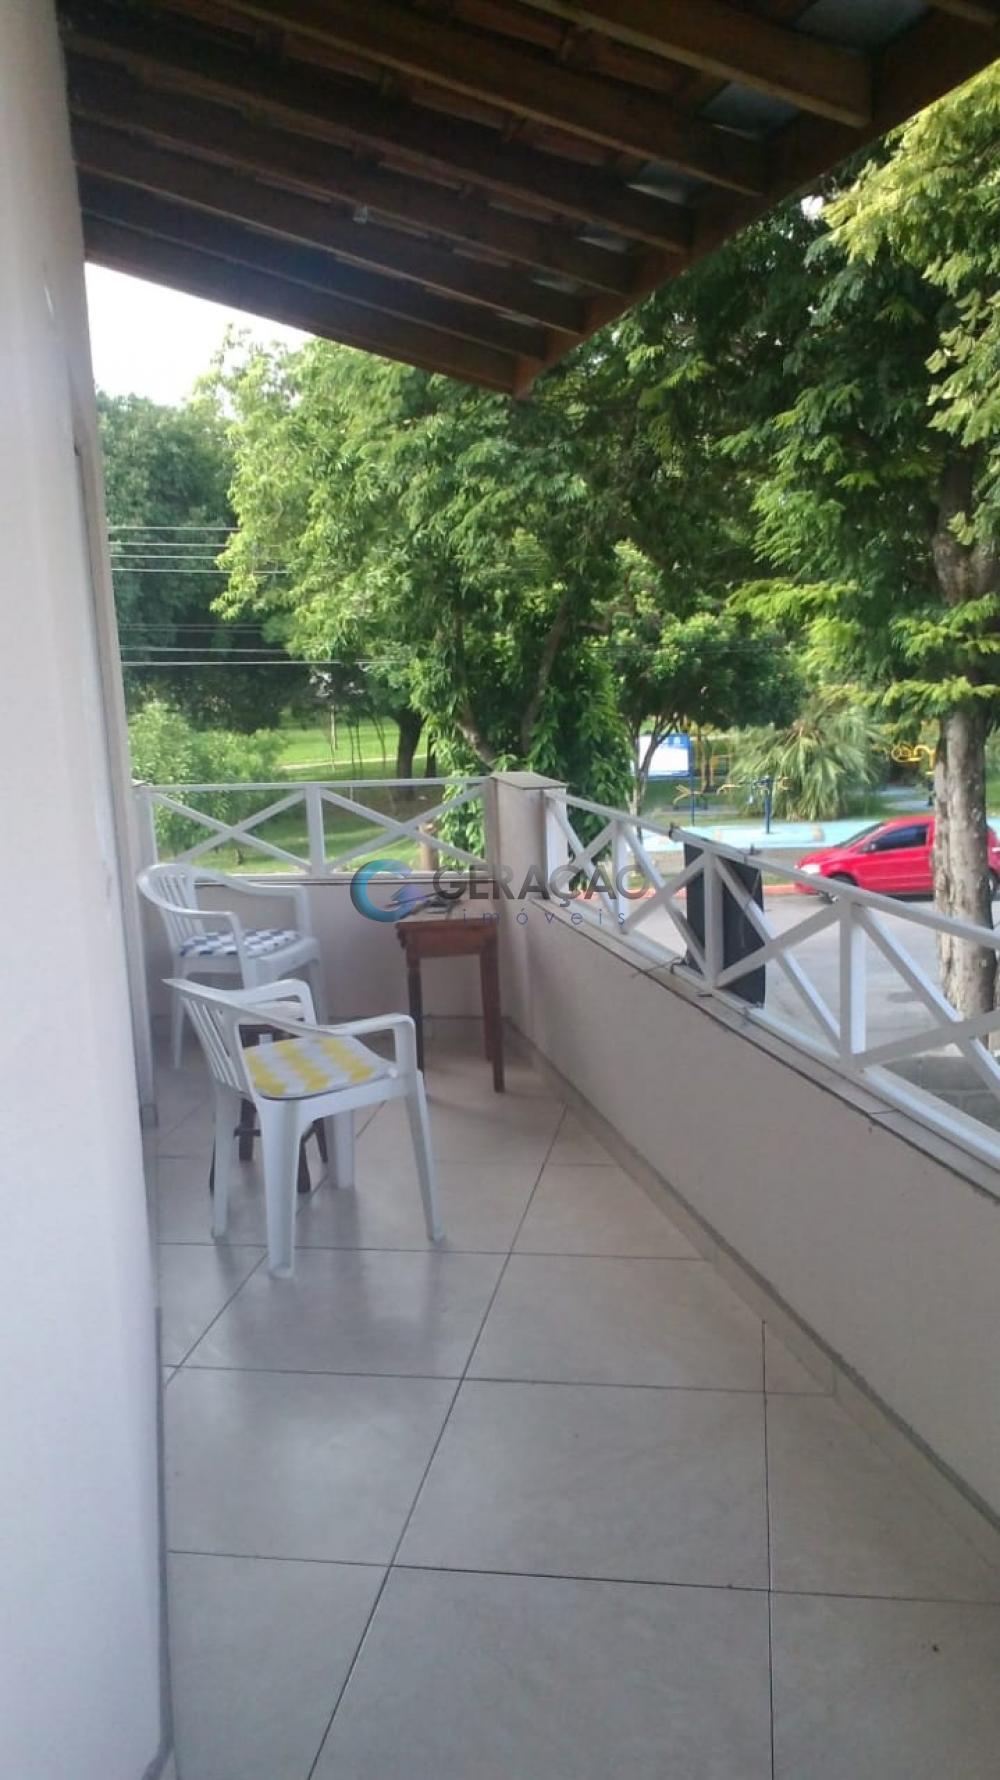 Comprar Casa / Sobrado em São José dos Campos R$ 450.000,00 - Foto 13